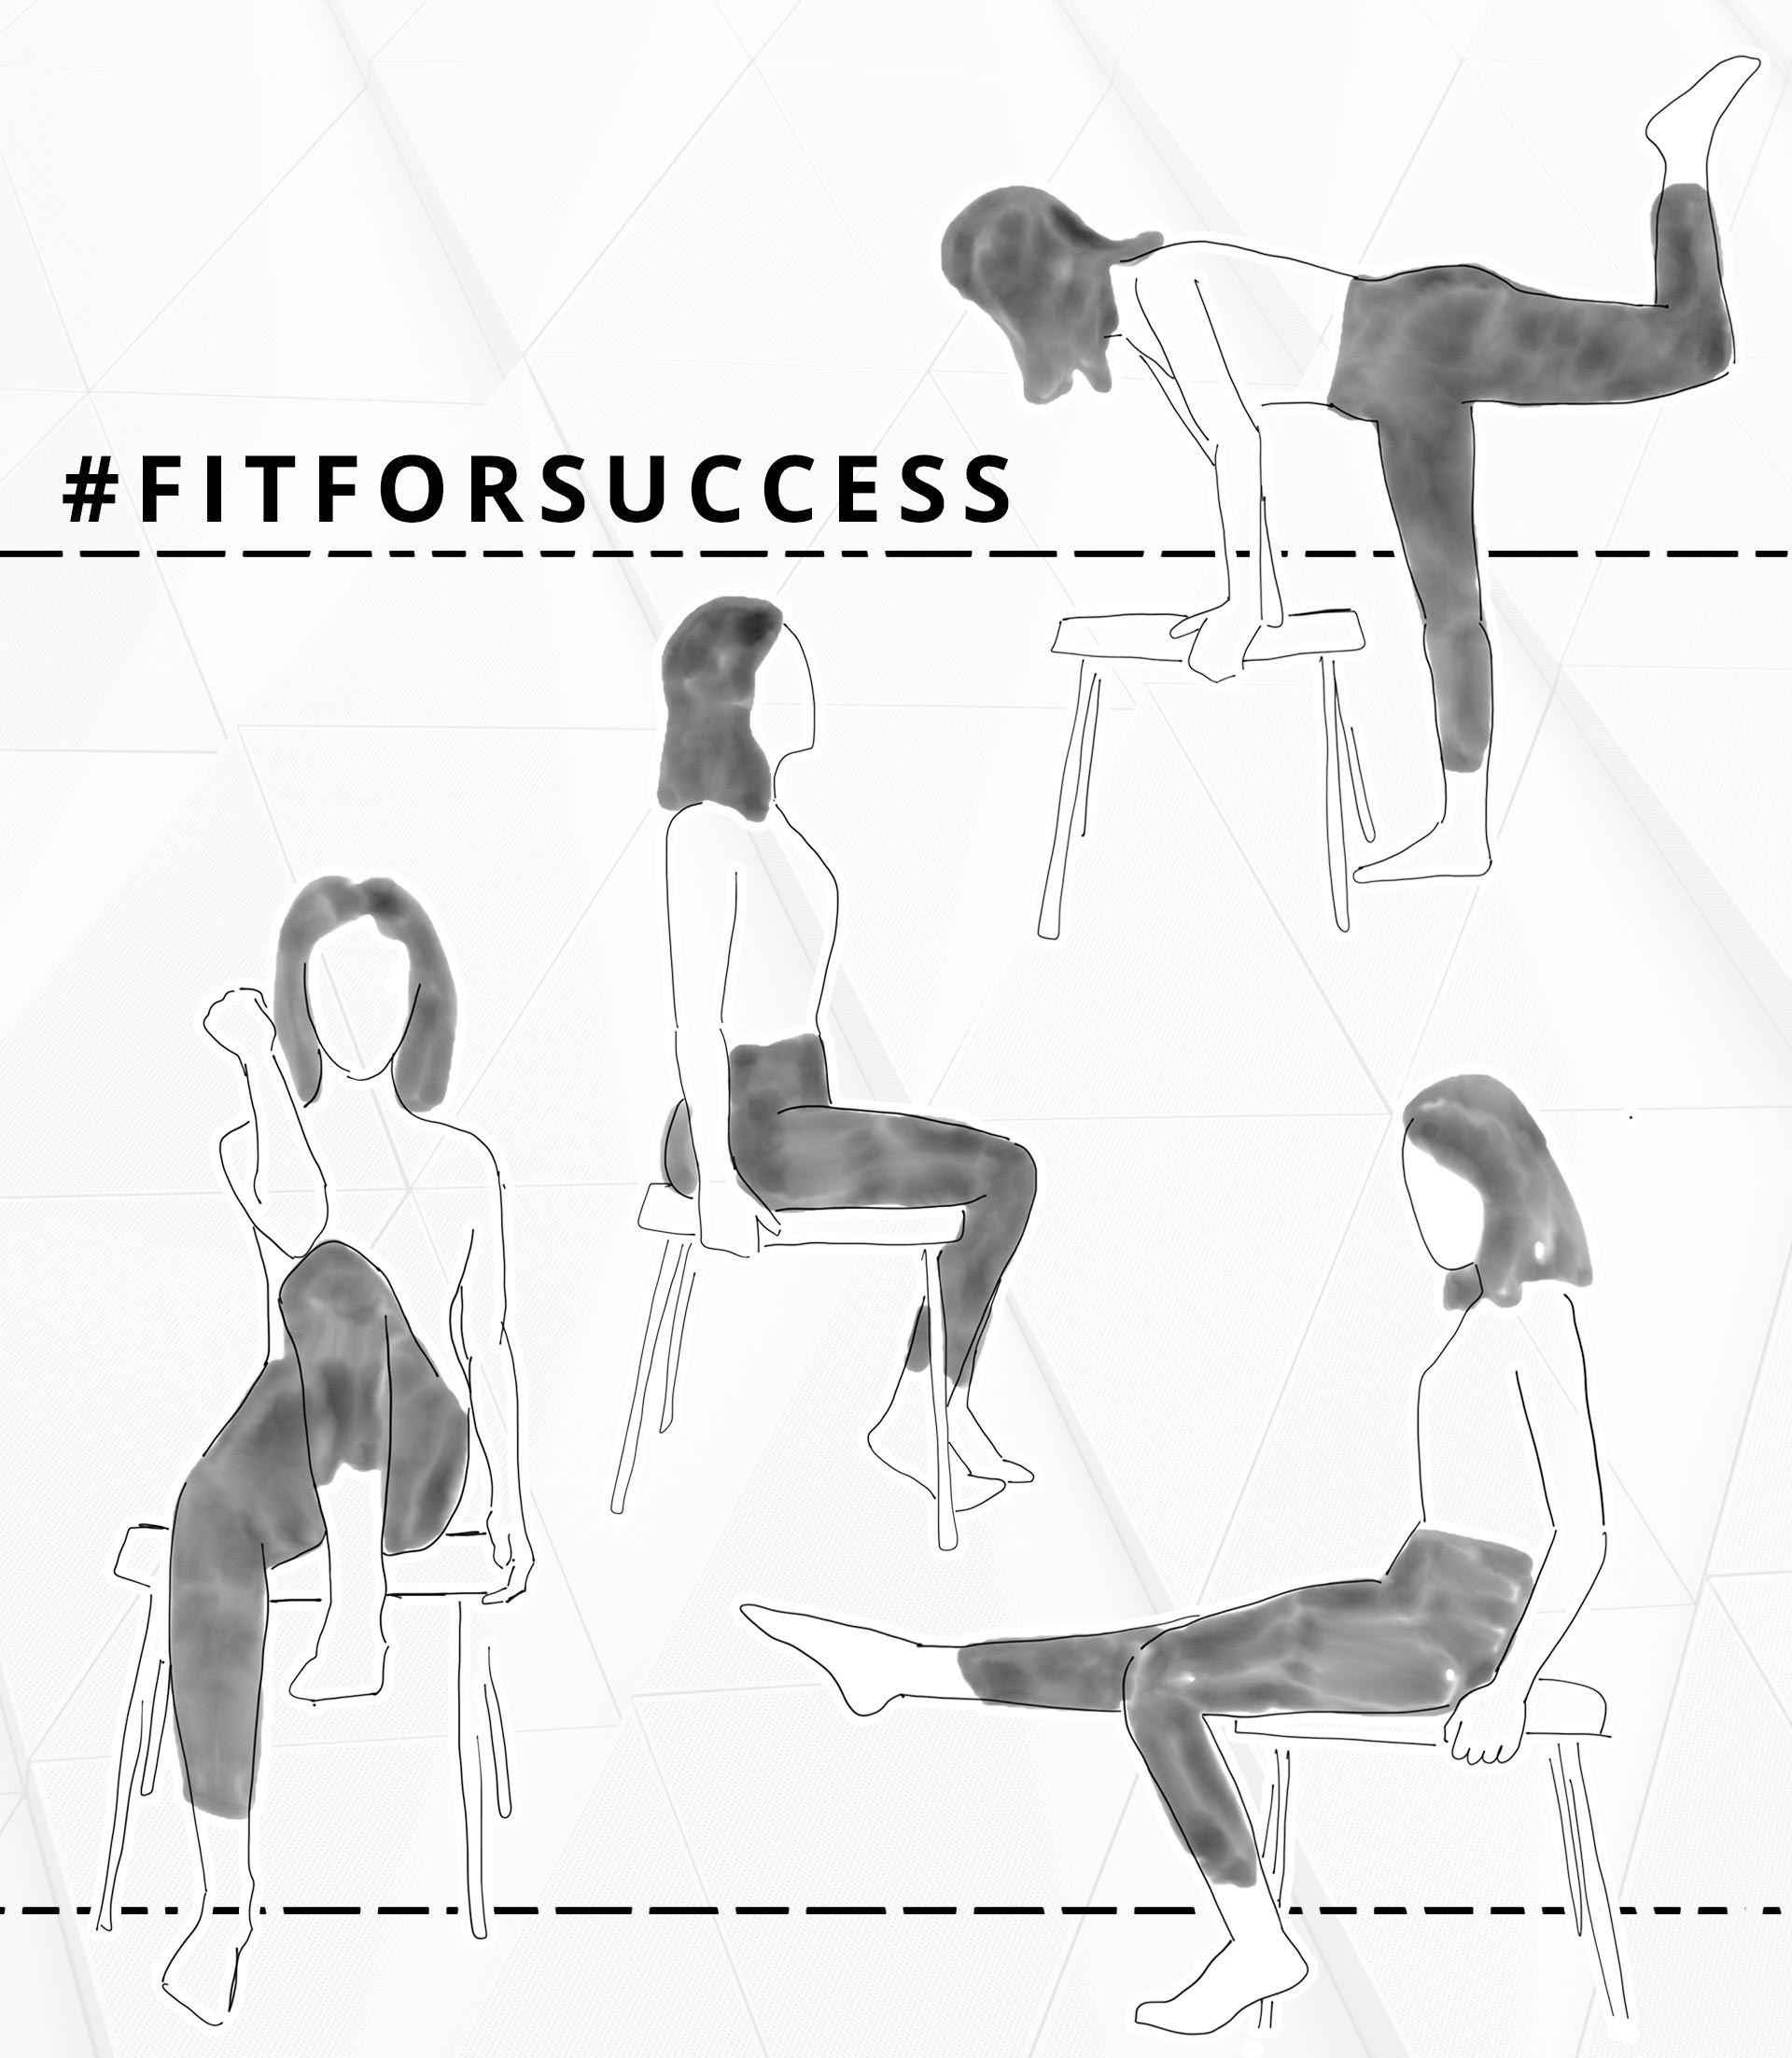 fitforsuccess effektives b ro workout f r bauch beine po und r cken business karriere. Black Bedroom Furniture Sets. Home Design Ideas